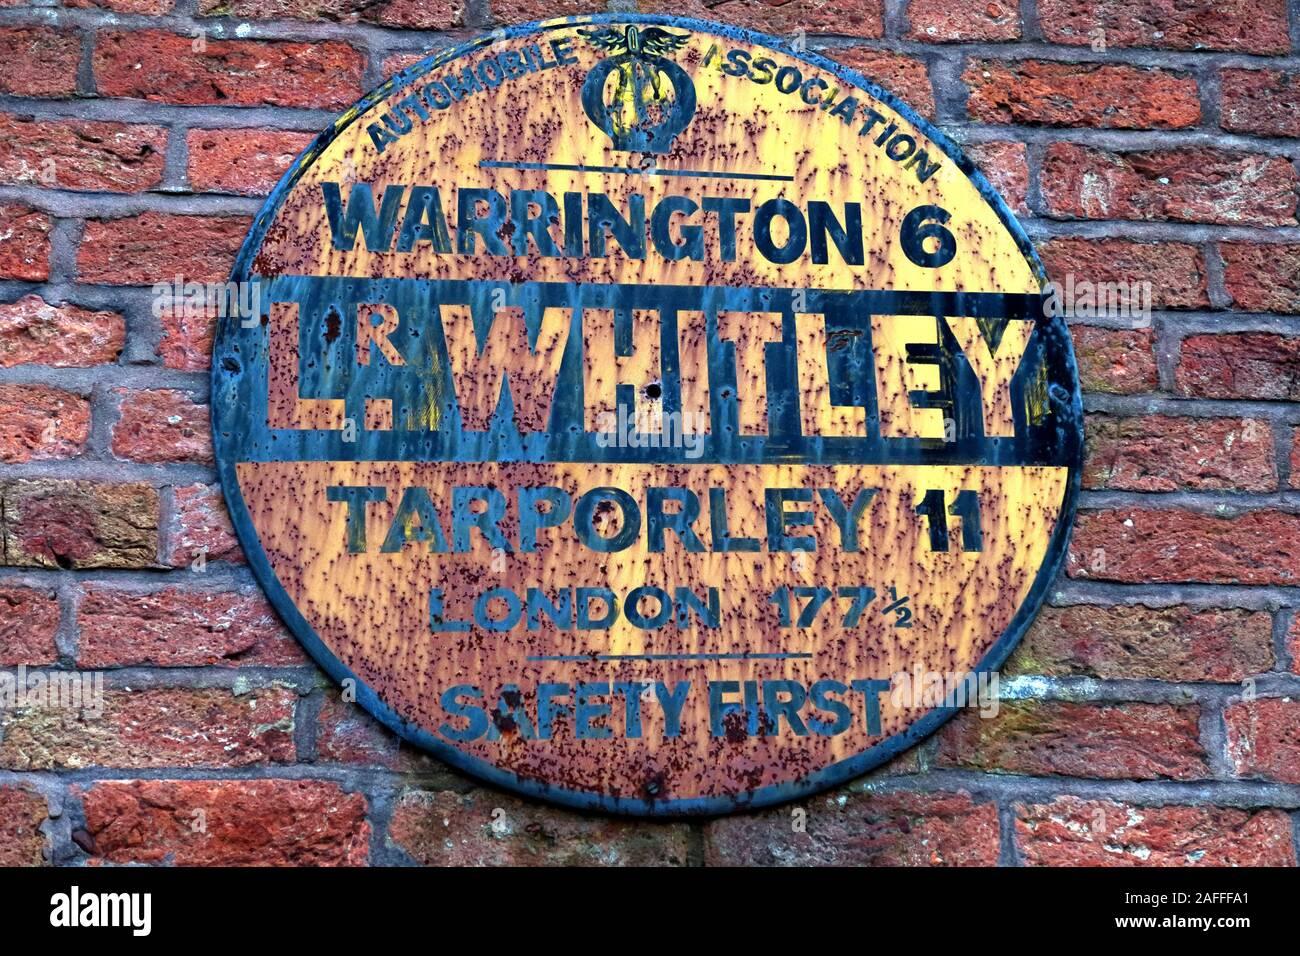 Dieses Stockfoto: Historisches Automobilzulieferschild, Lower Whitley-Schild, Warrington 6 Meilen, Tarporley 11 Meilen, London 177,Sicherheit Geht Vor - 2AFFFA